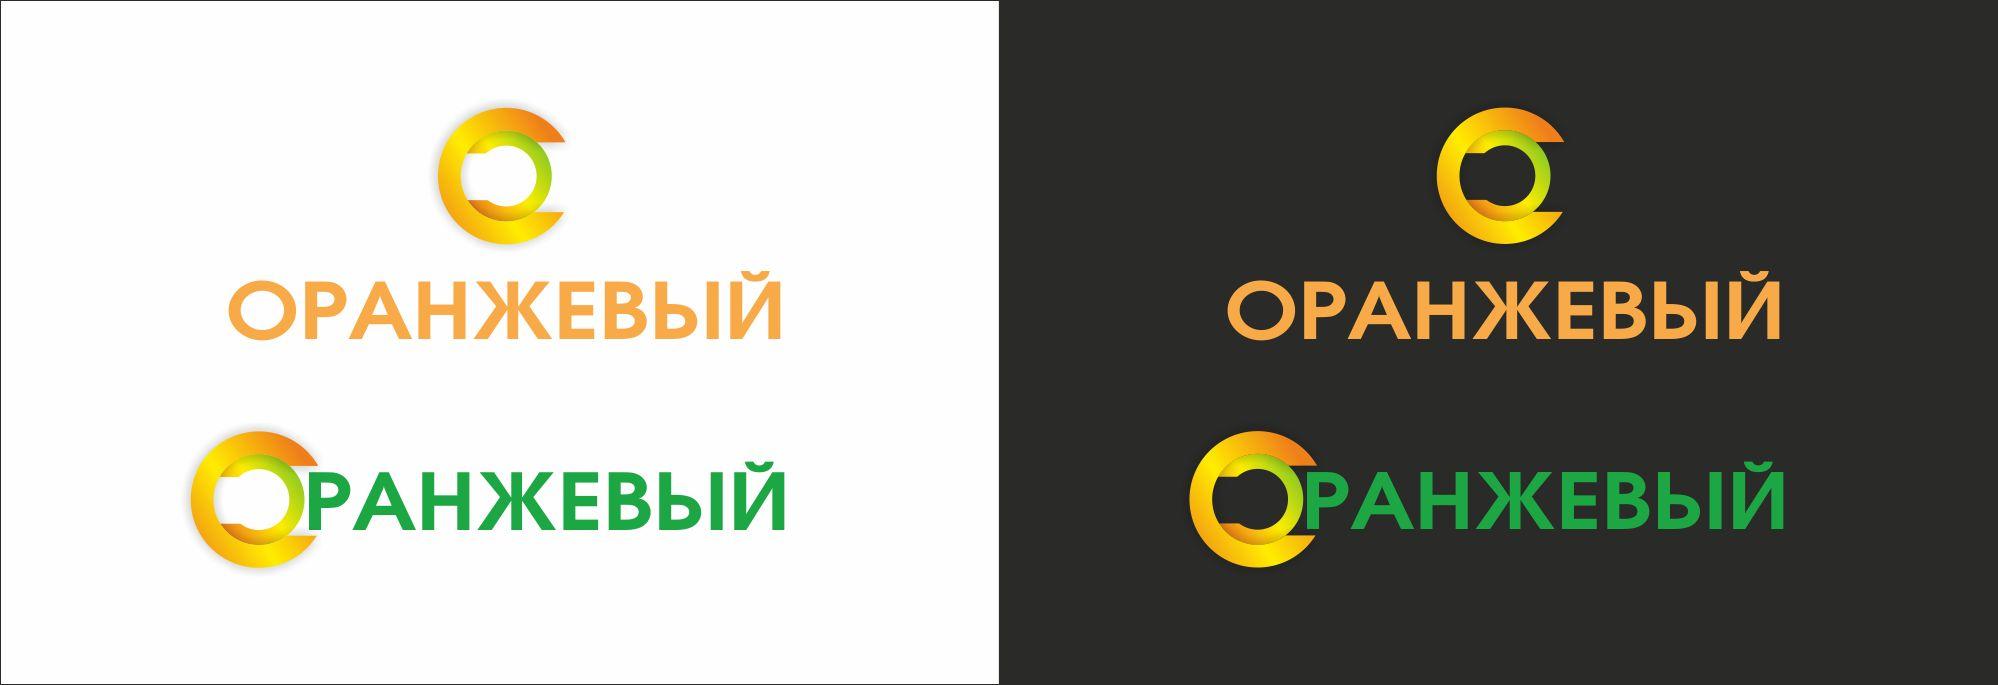 Логотип Финансовой Организации - дизайнер byka-ve7rov